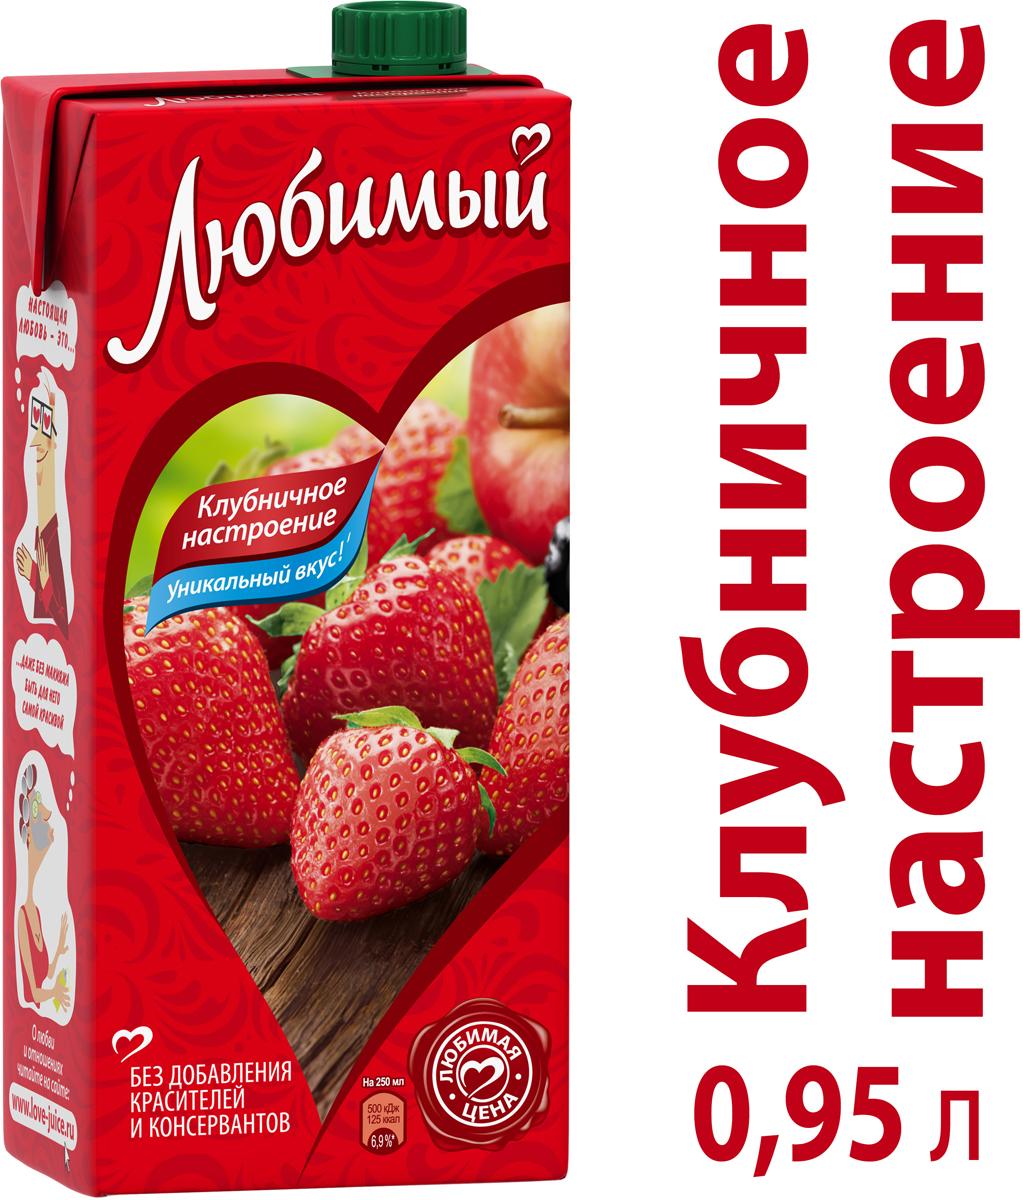 Любимый Яблоко-Клубника-Черноплодная рябина напиток сокосодержащий осветленный, 0,95 л сиропы бальзамы altay seligor бальзам антистресс 2шт